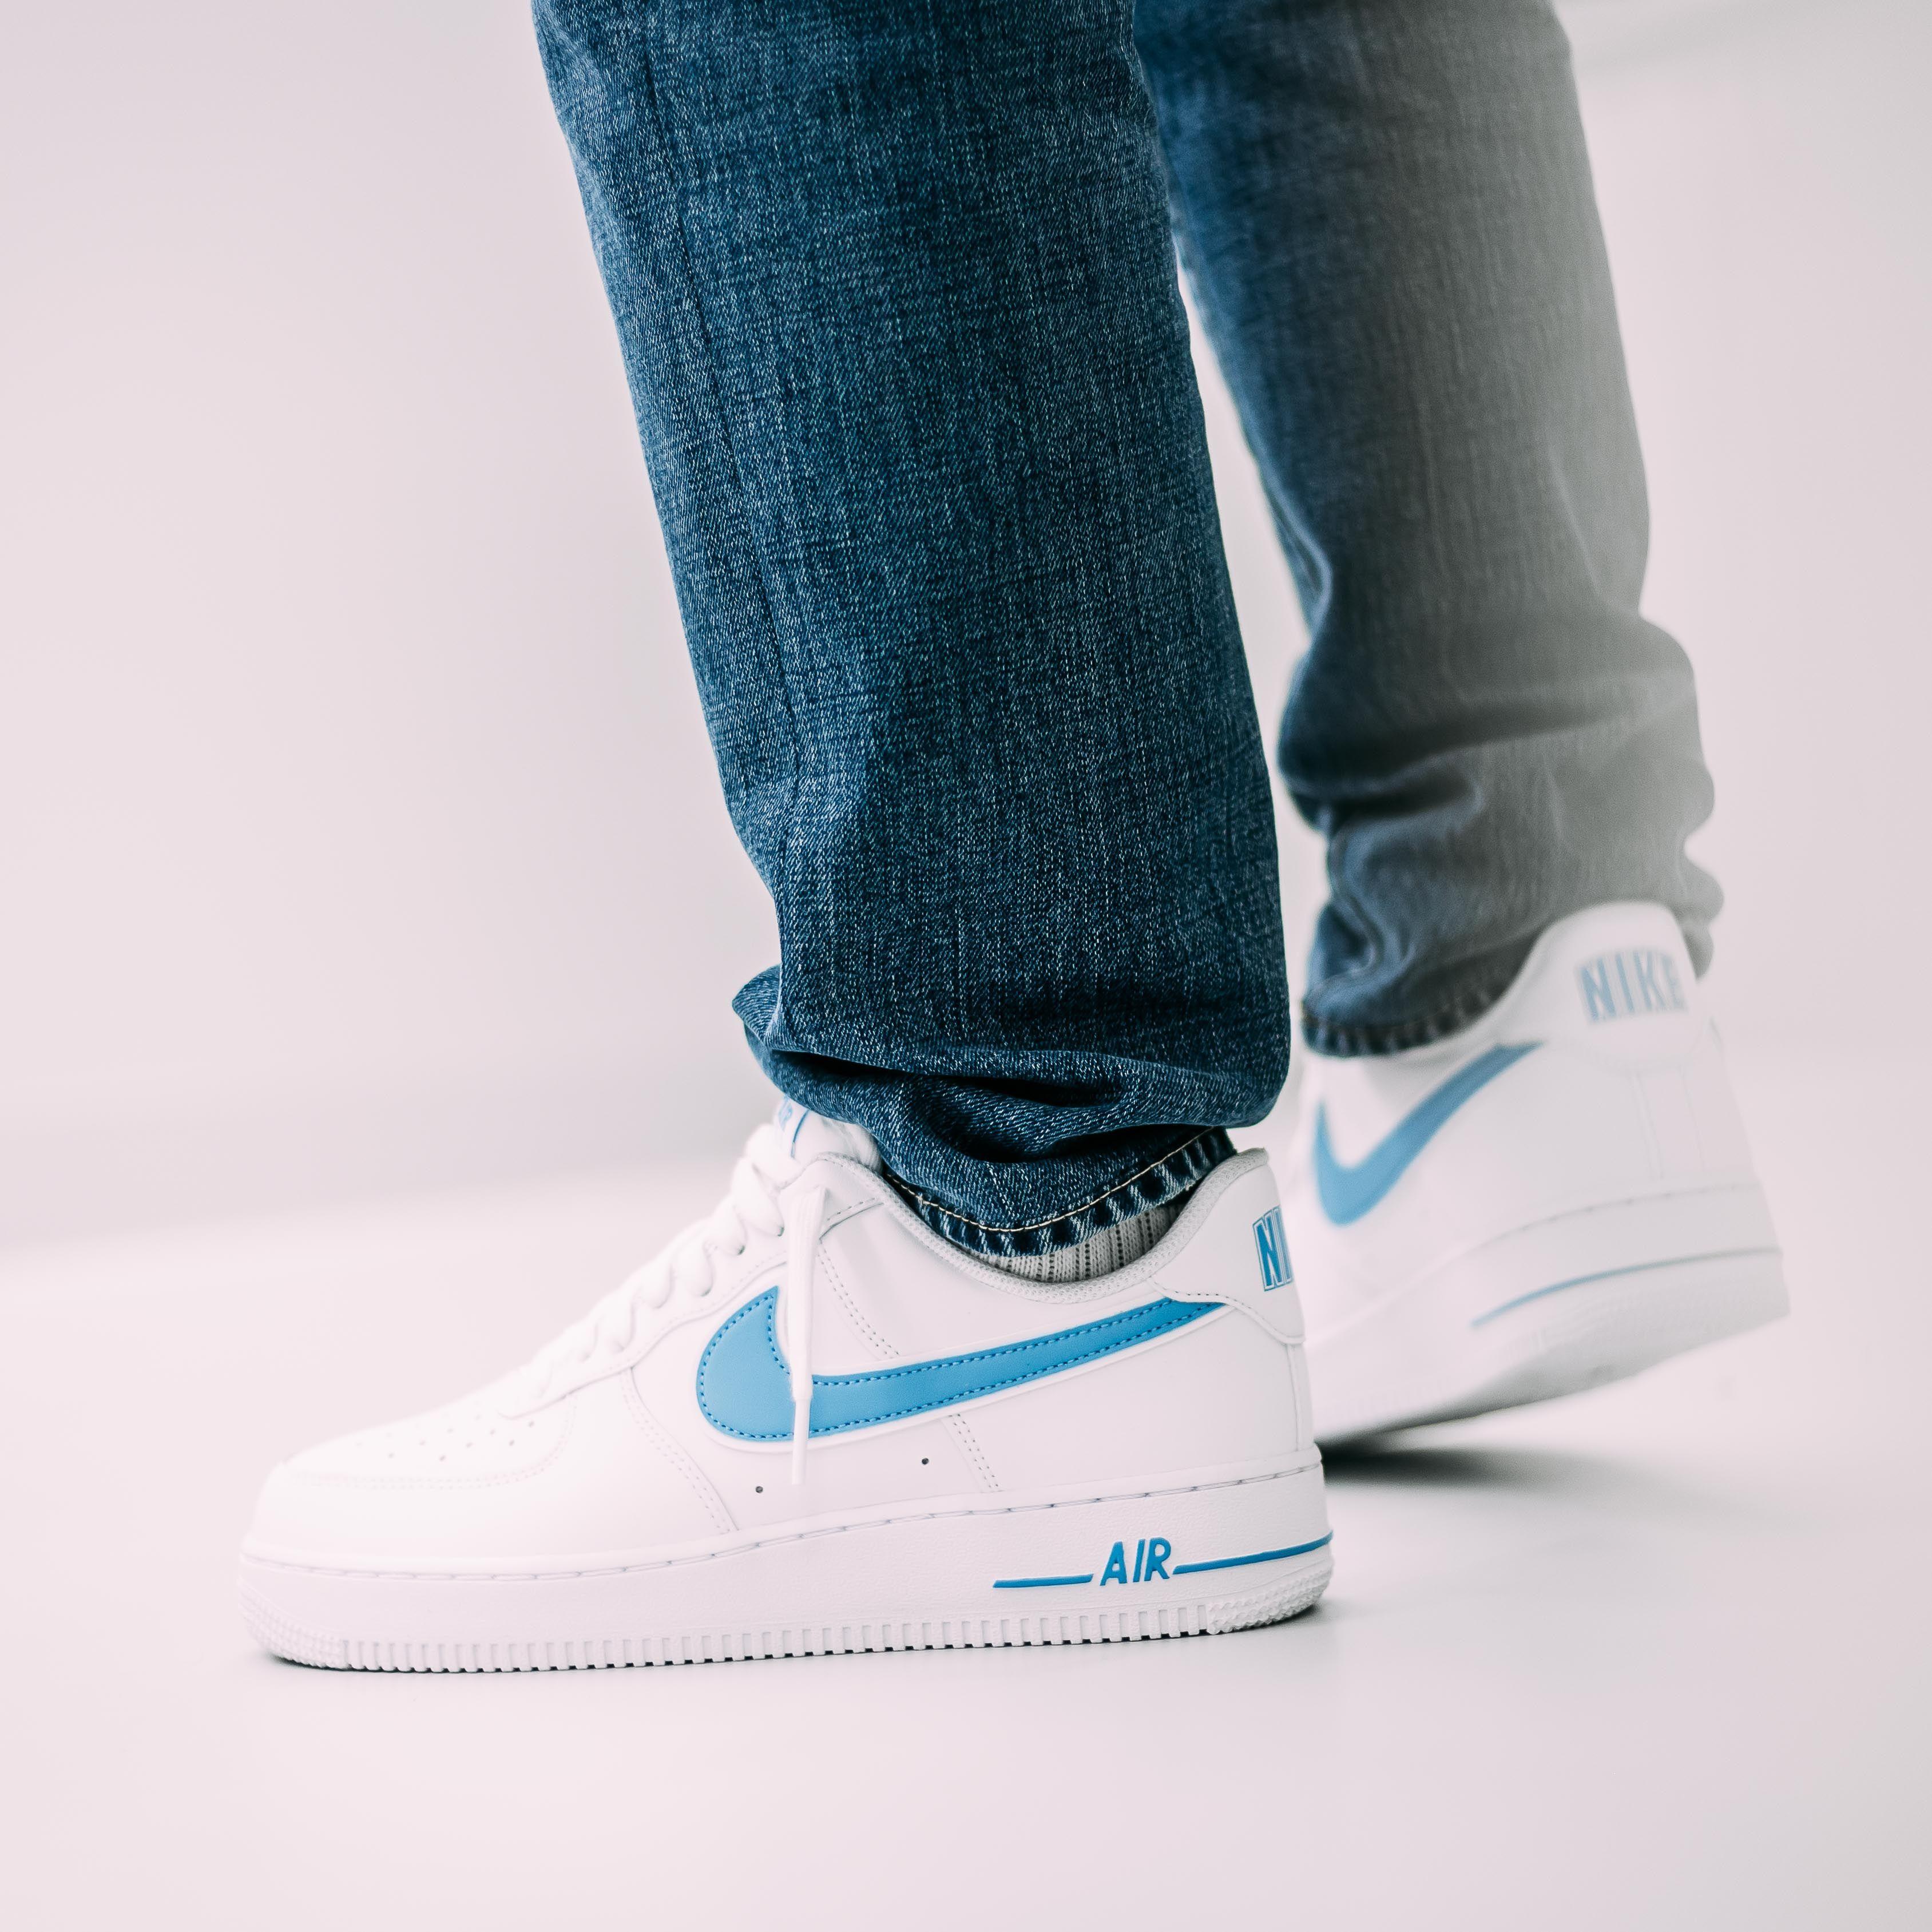 Nike Air Force 1 '07 3